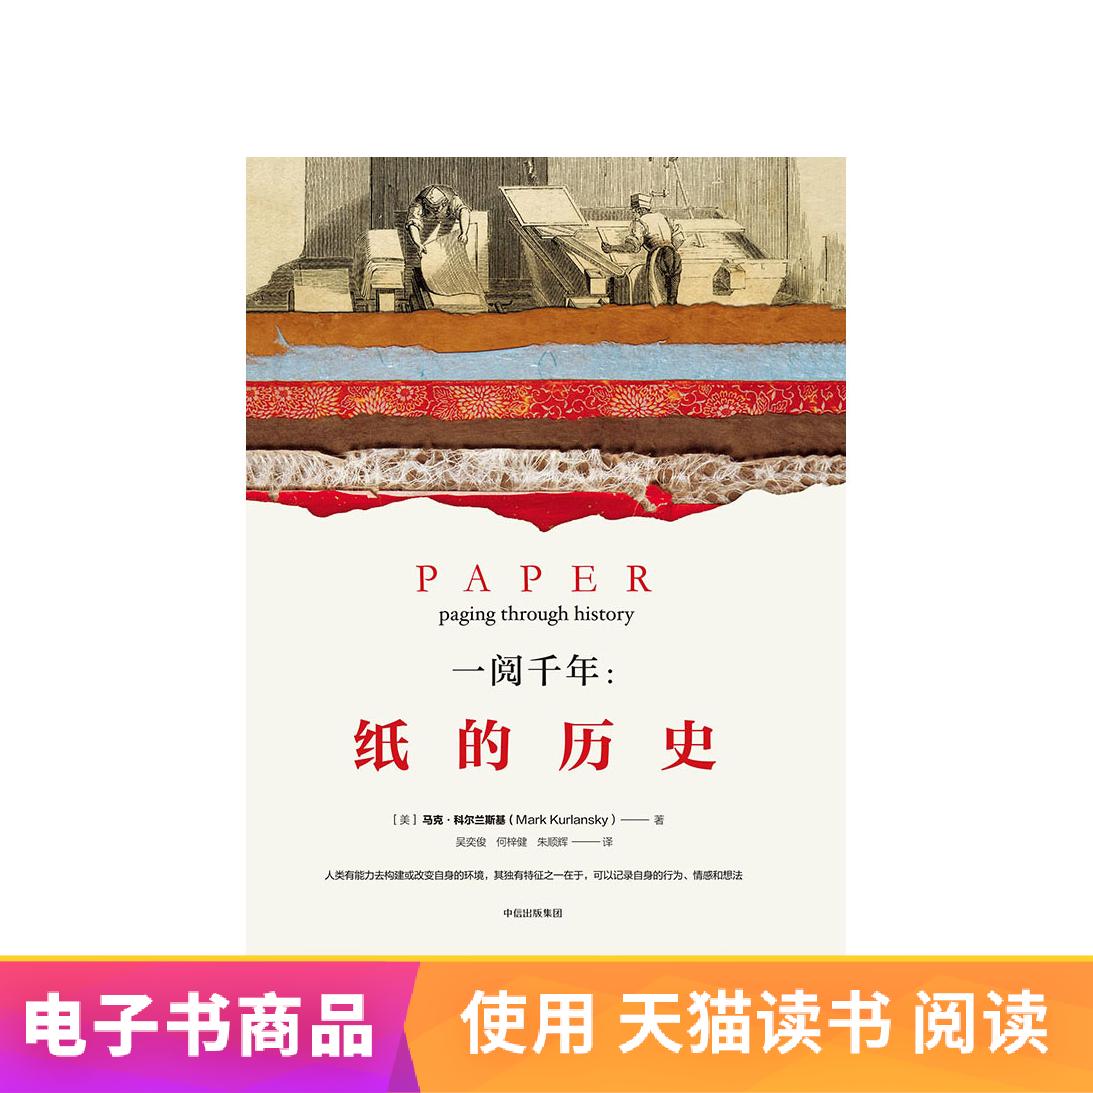 【電子書售出不退不換】一閱千年:紙的歷史 中信出版